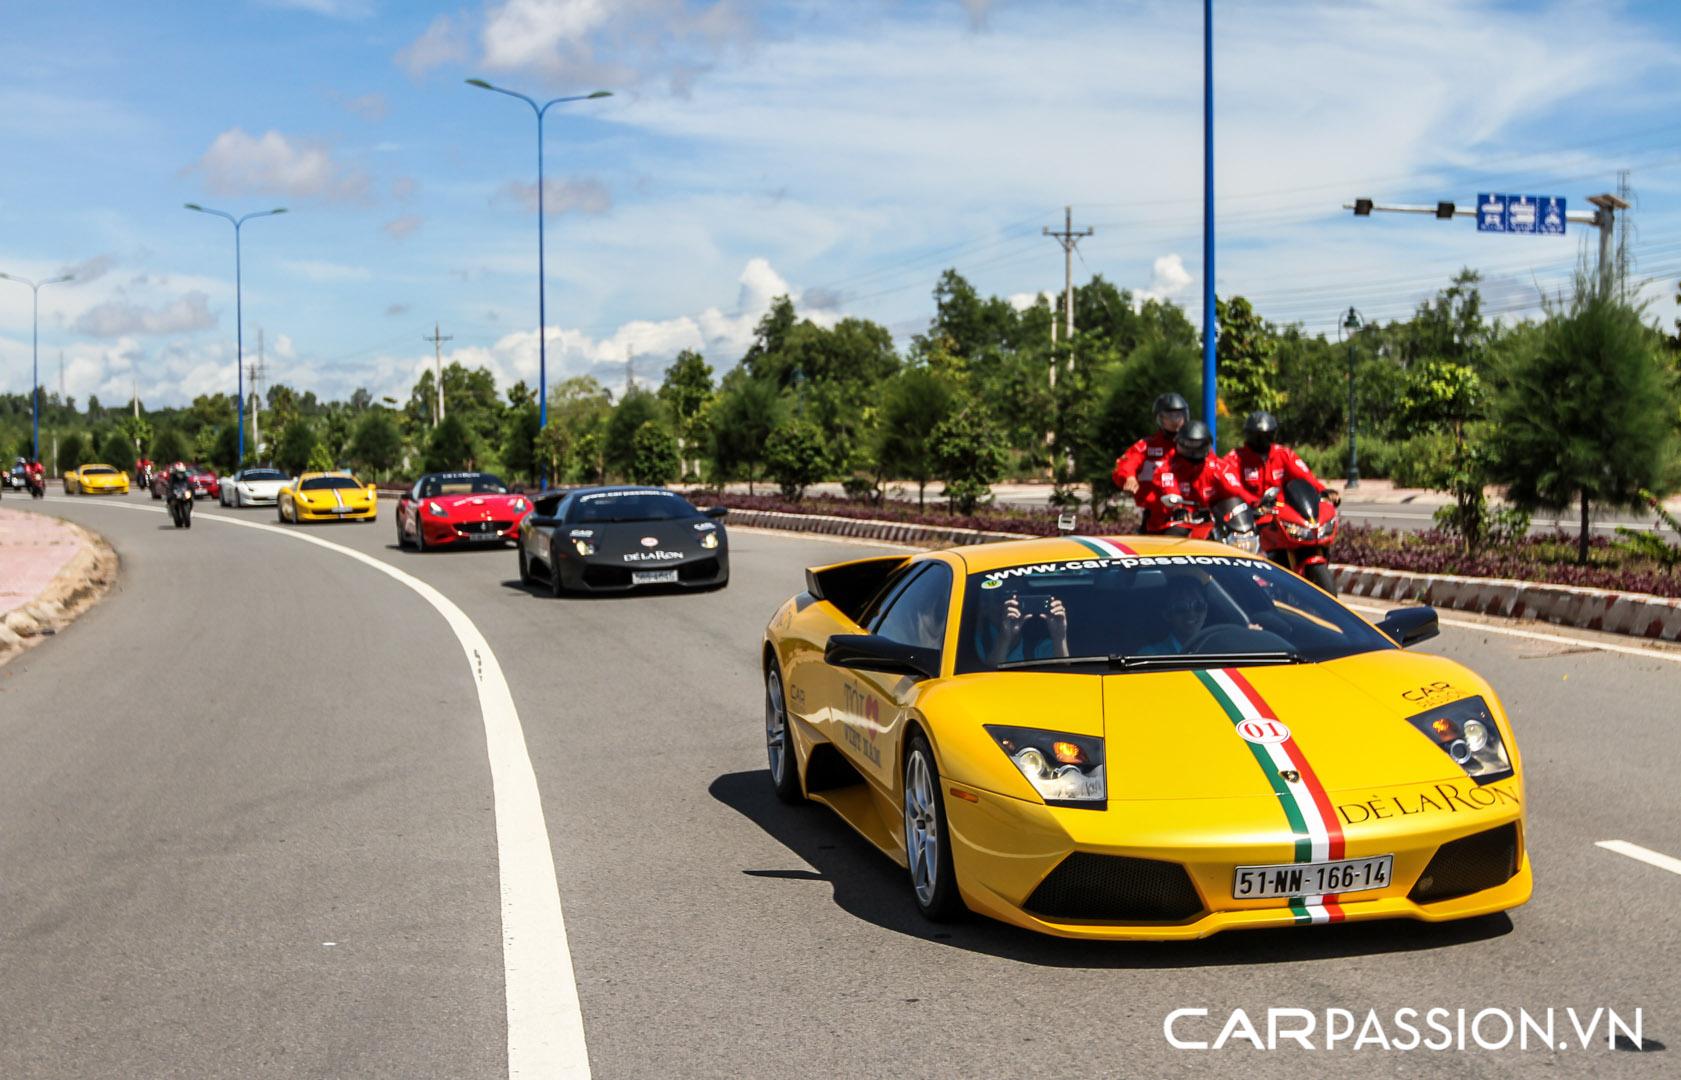 CP-Hành trình siêu xe CarPassion 2011 Day 2 (21).jpg